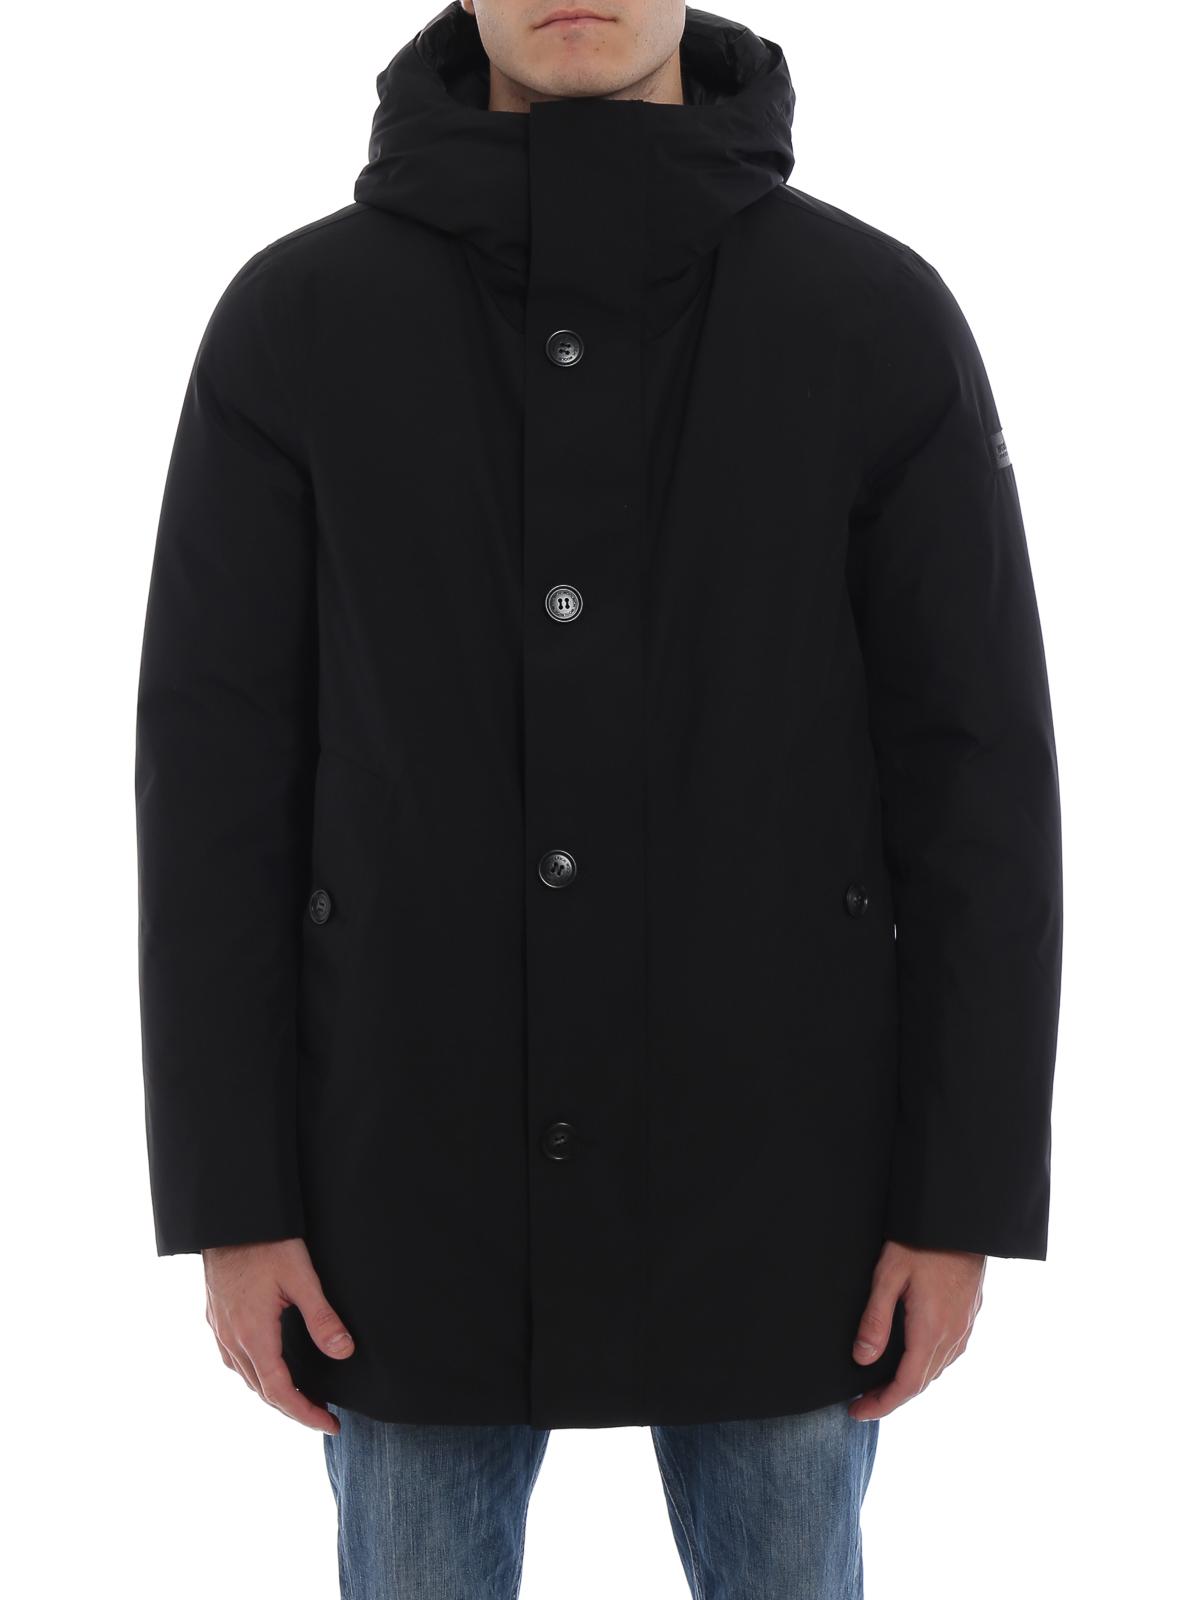 0e9e642ee536b iKRIX WOOLRICH  padded jackets - GTX Alpine Parka waterproof puffer jacket